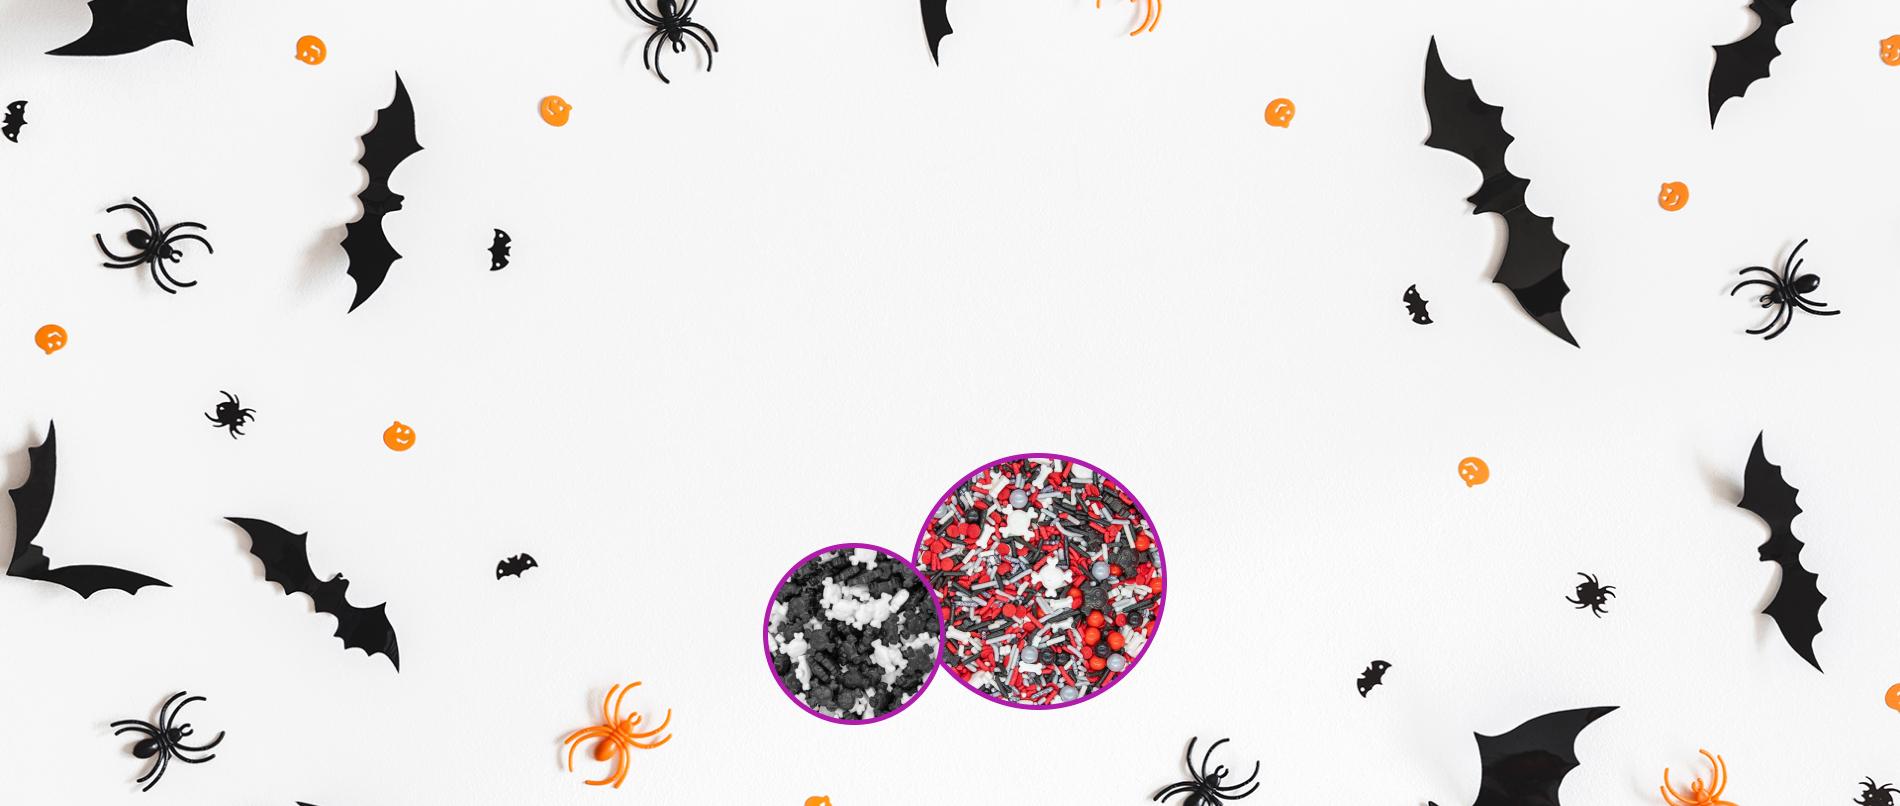 Confeticakes